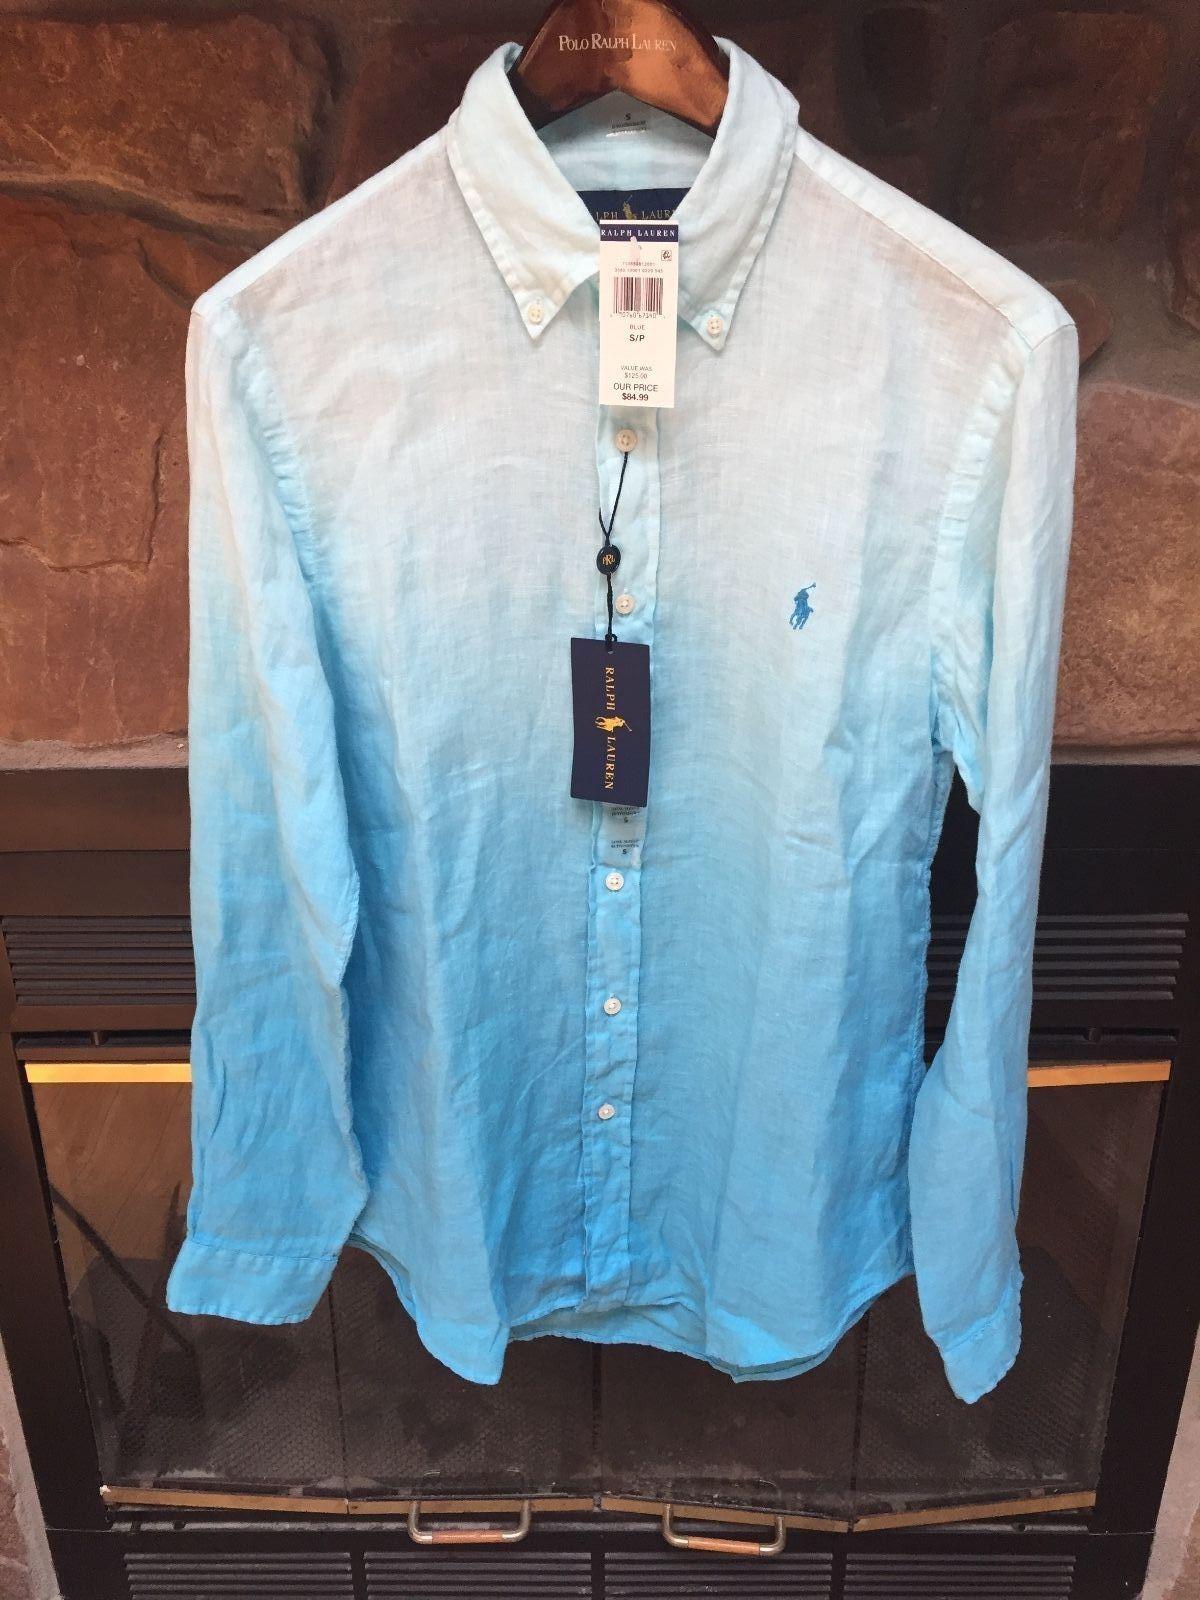 e75174ea Polo Ralph Lauren Linen Button Down Long Sleeve Shirt BLUE OMBRE SZ SMALL  NWT